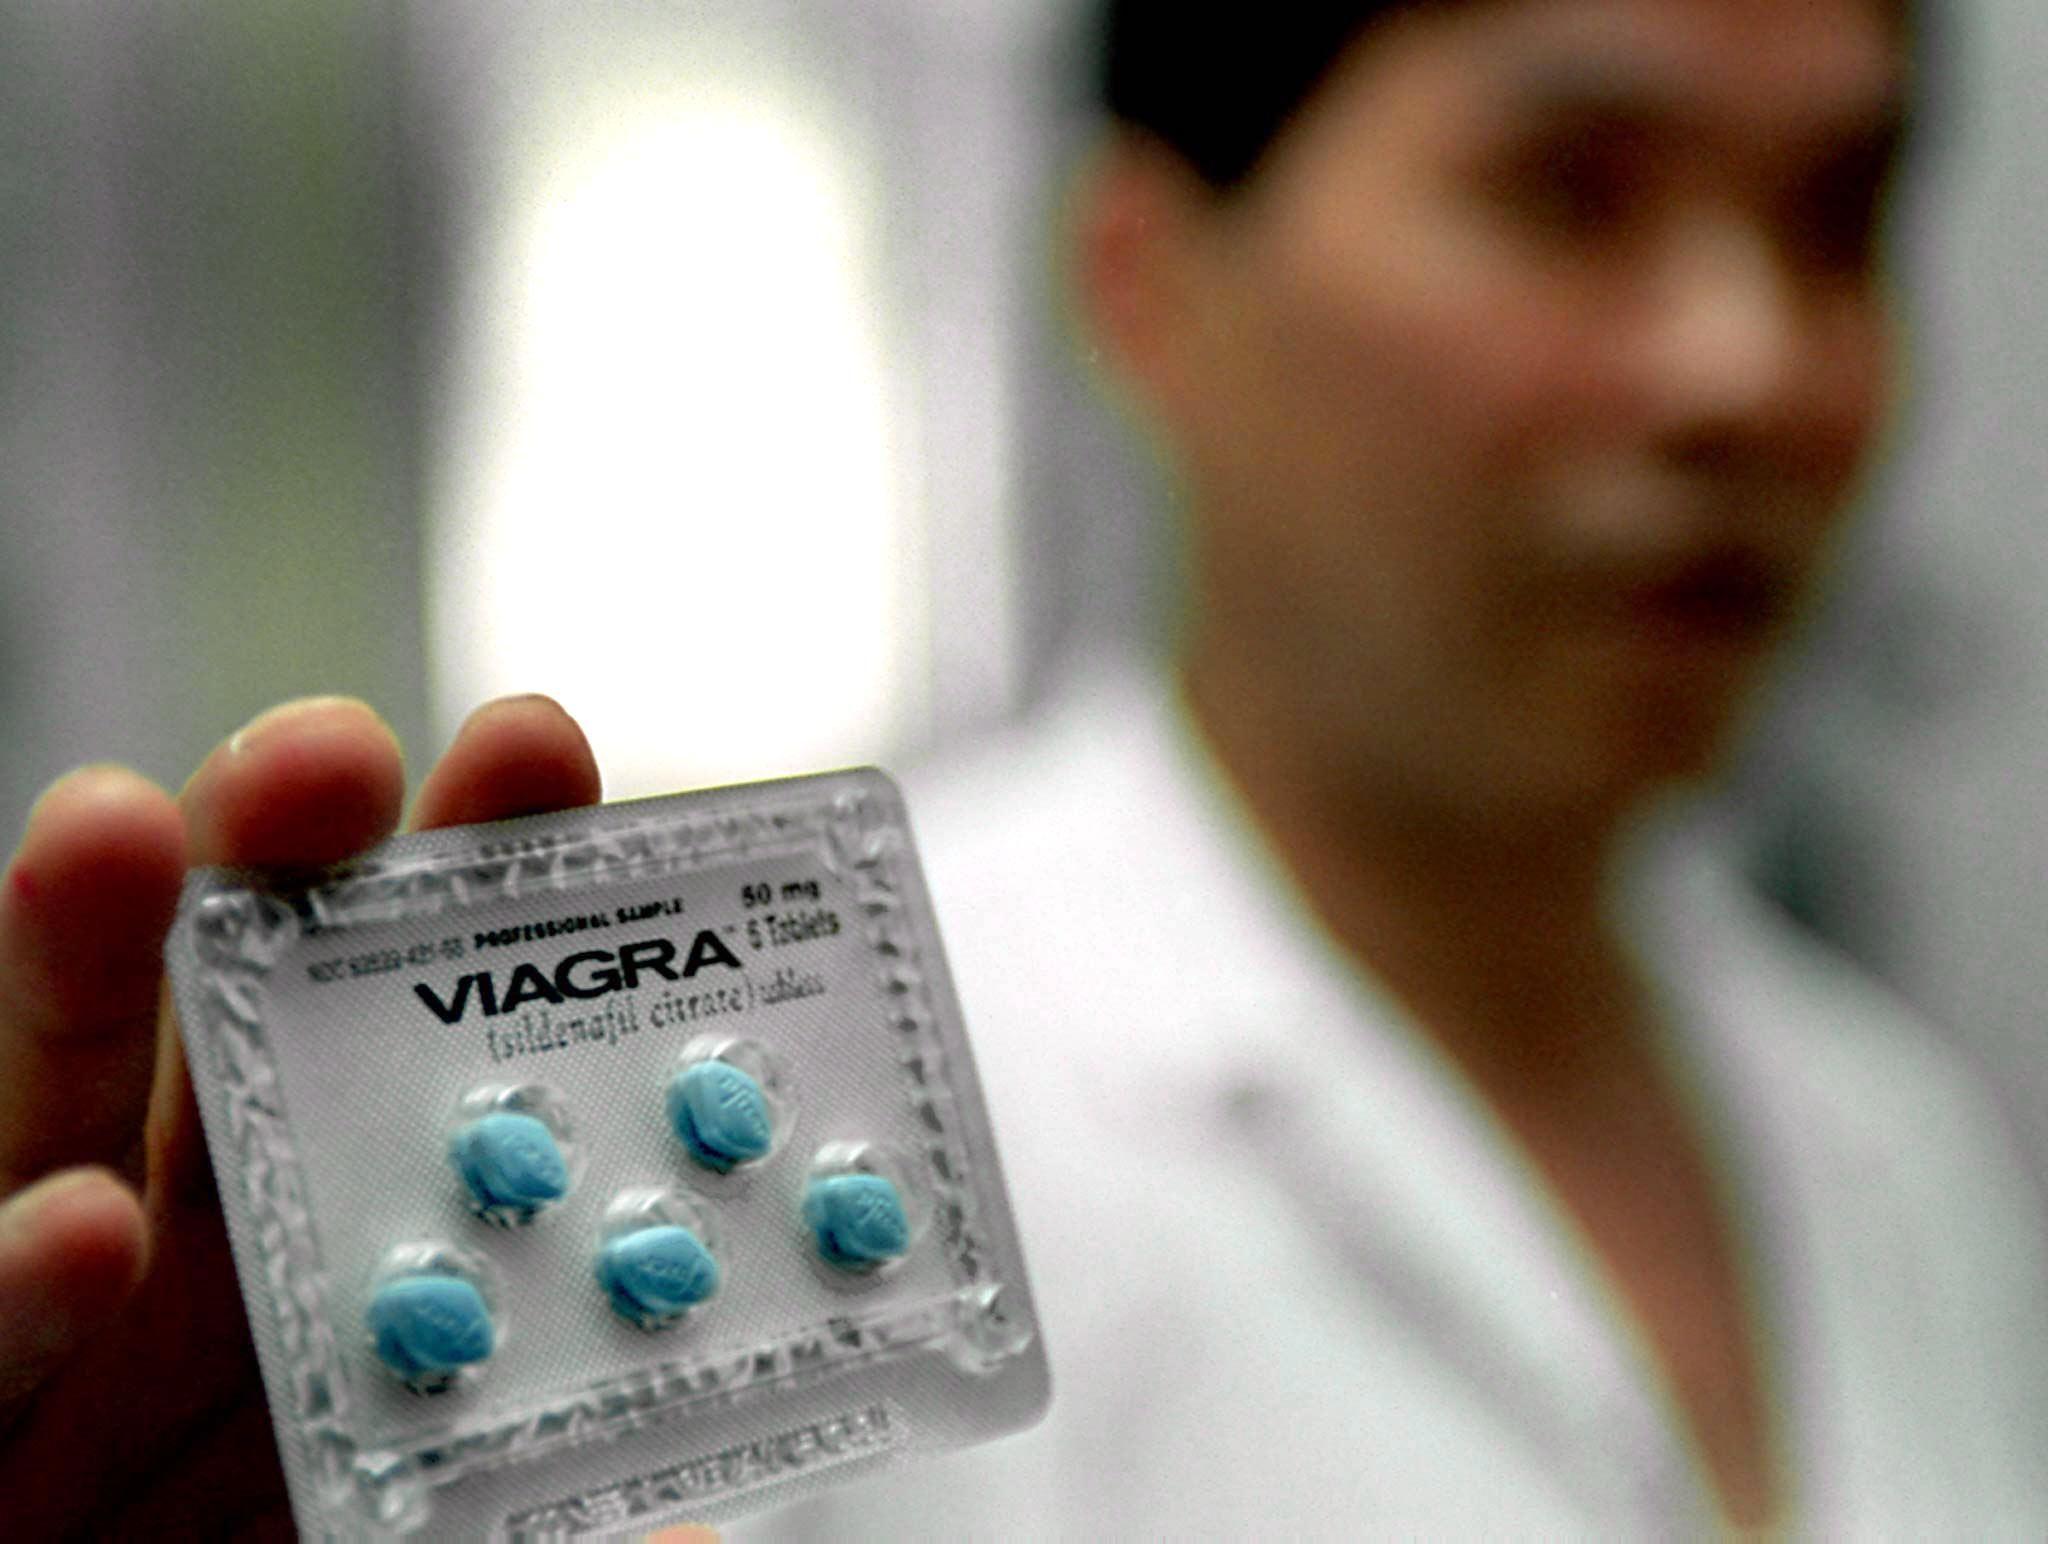 viagra packages shanghai